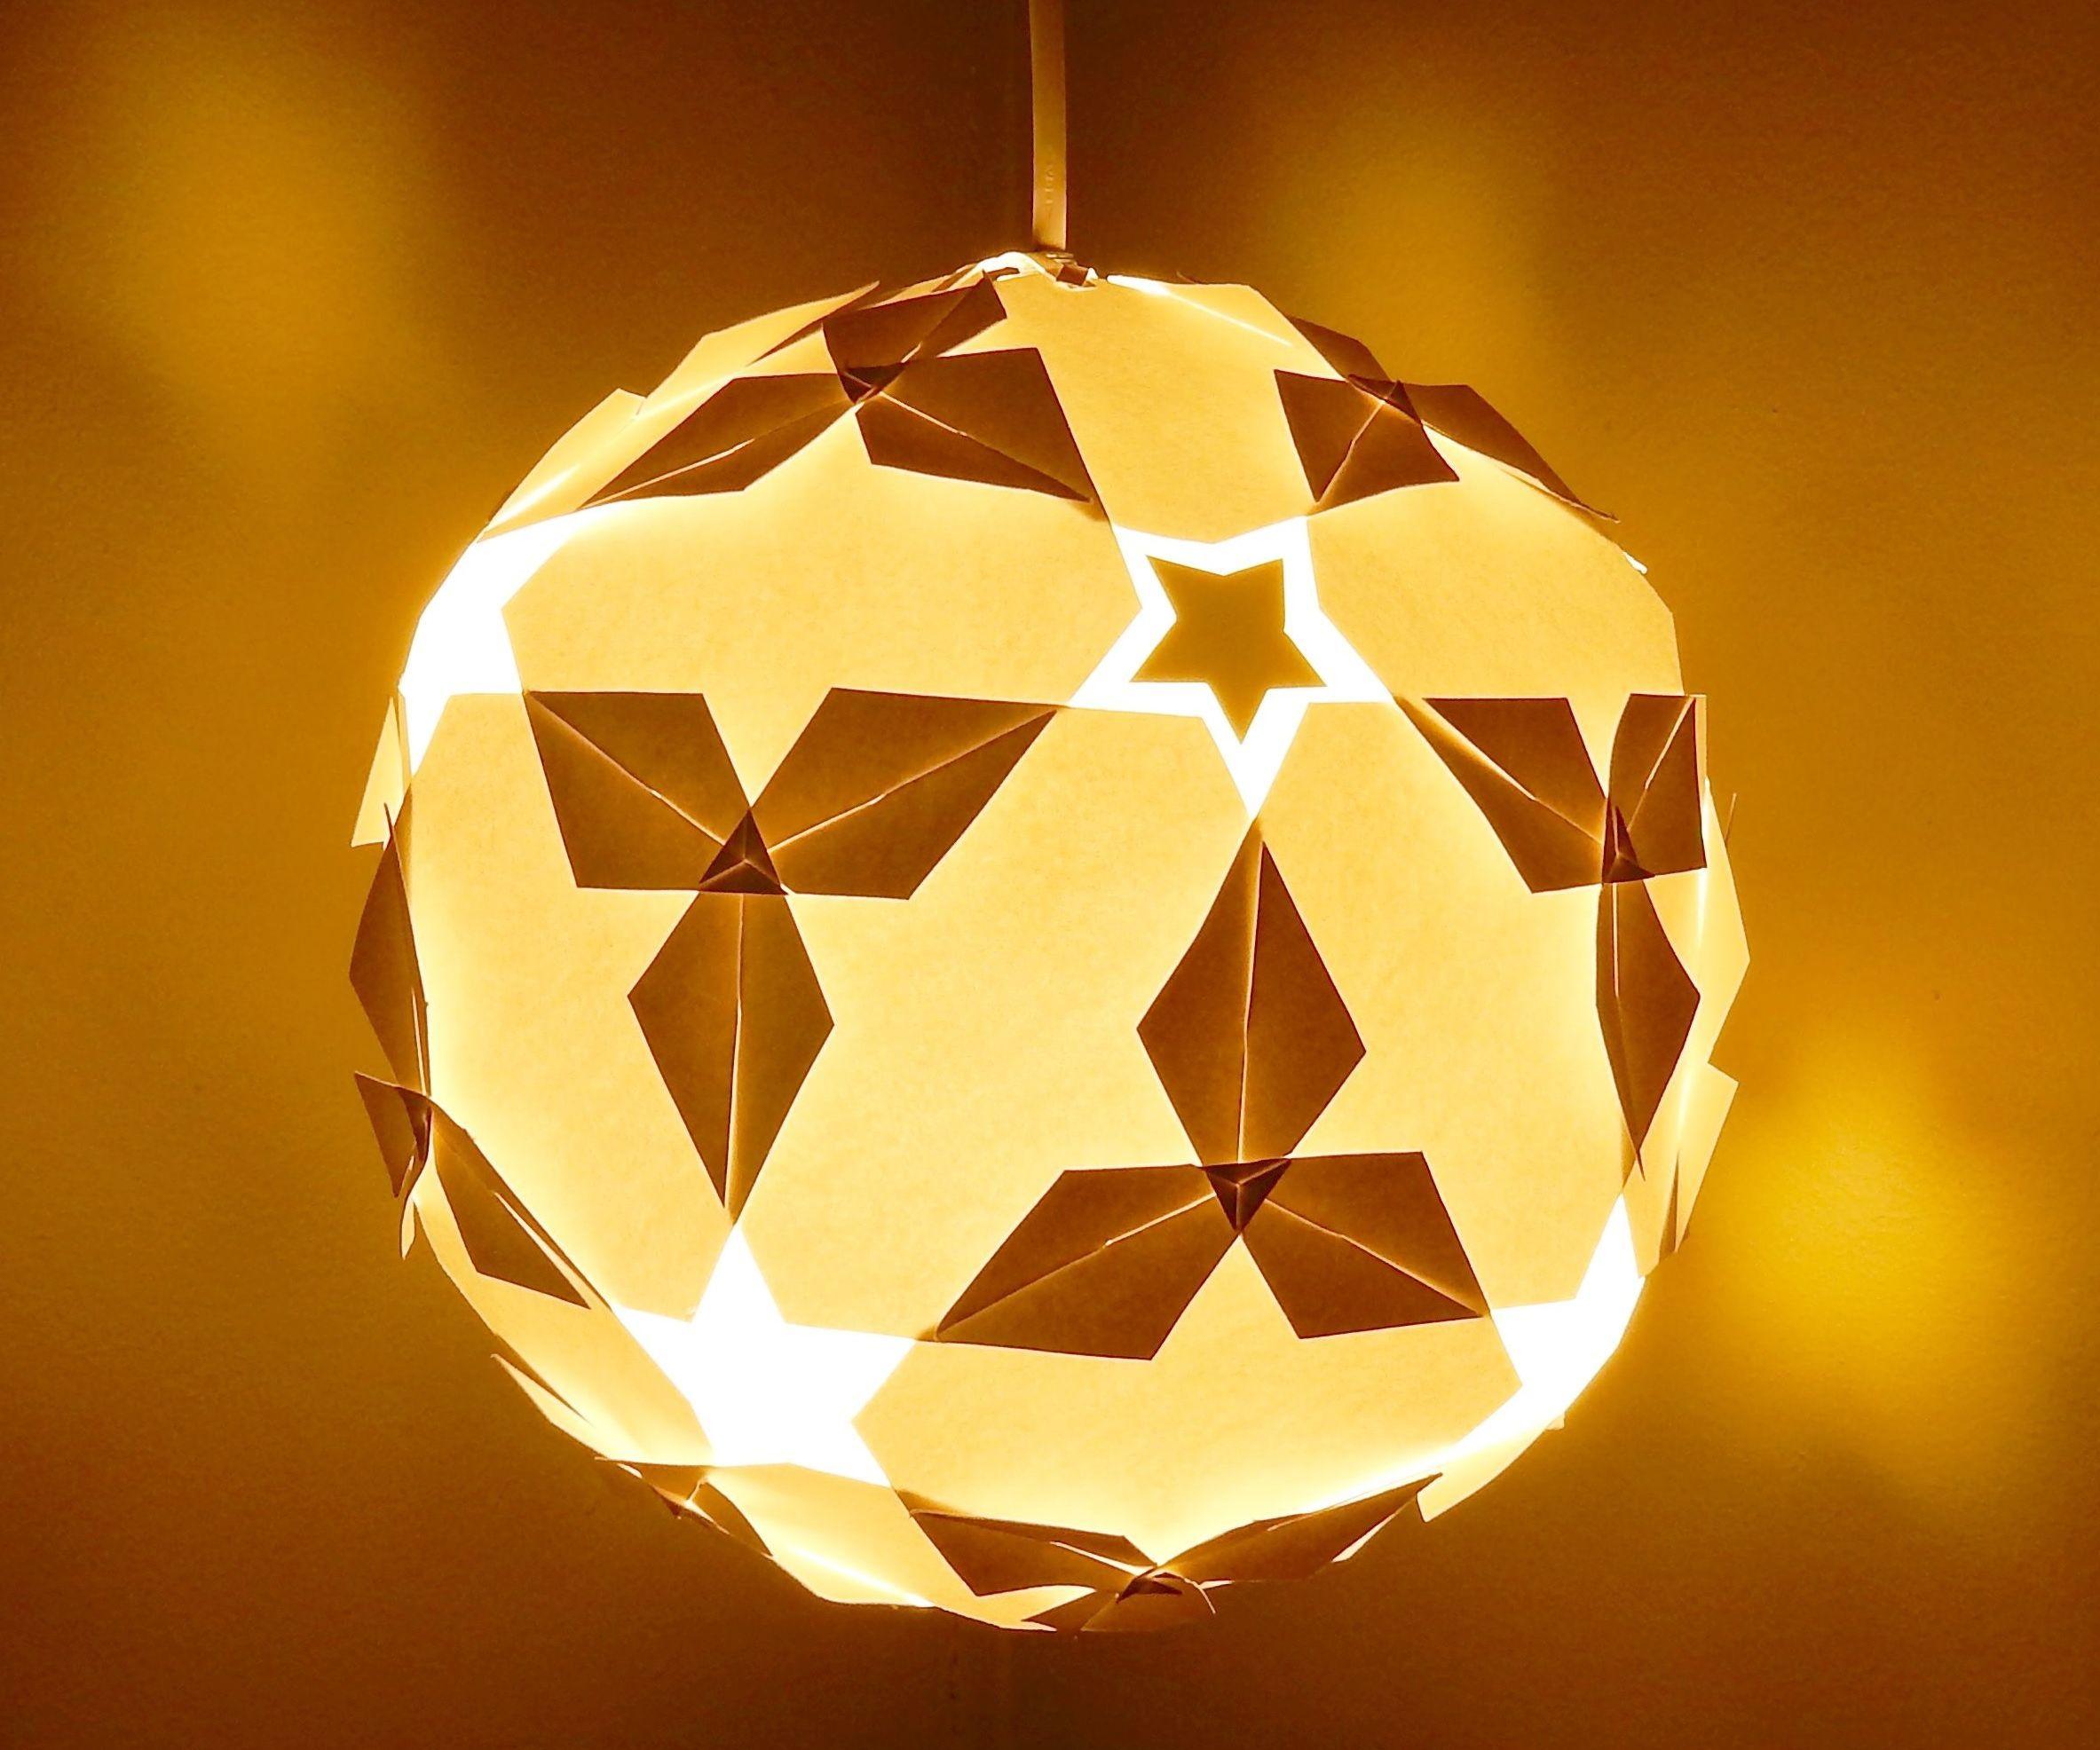 DIY Lamplantern star Ball